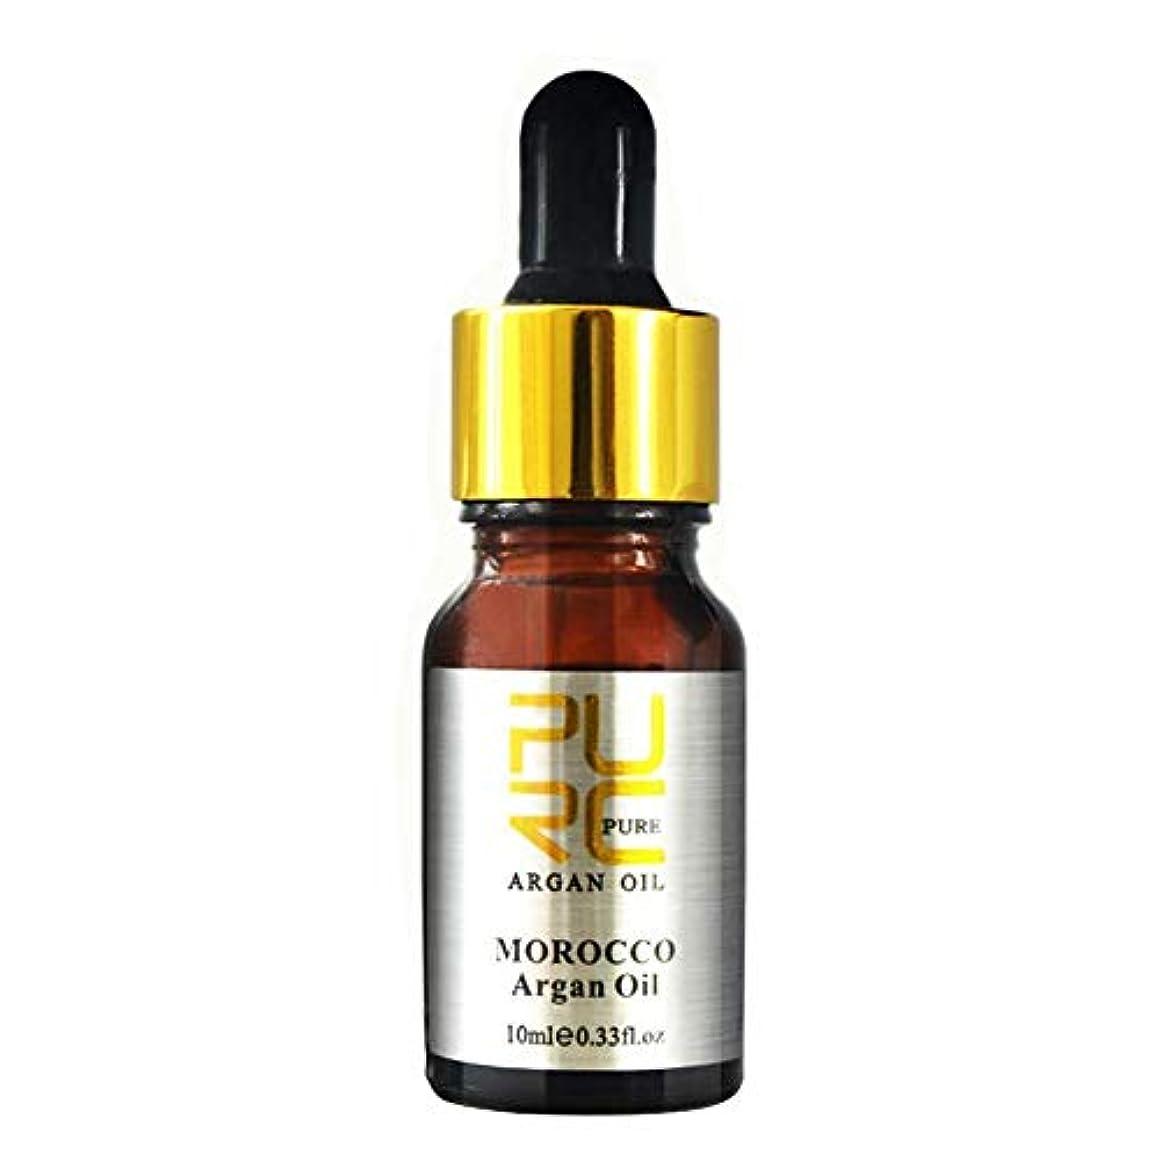 恨み清めるプラグBETTER YOU (ベター ュー) ヘアケアエッセンシャルオイル、水分補給、乾燥防止、髪の分割、髪の栄養、しなやか 深い修復